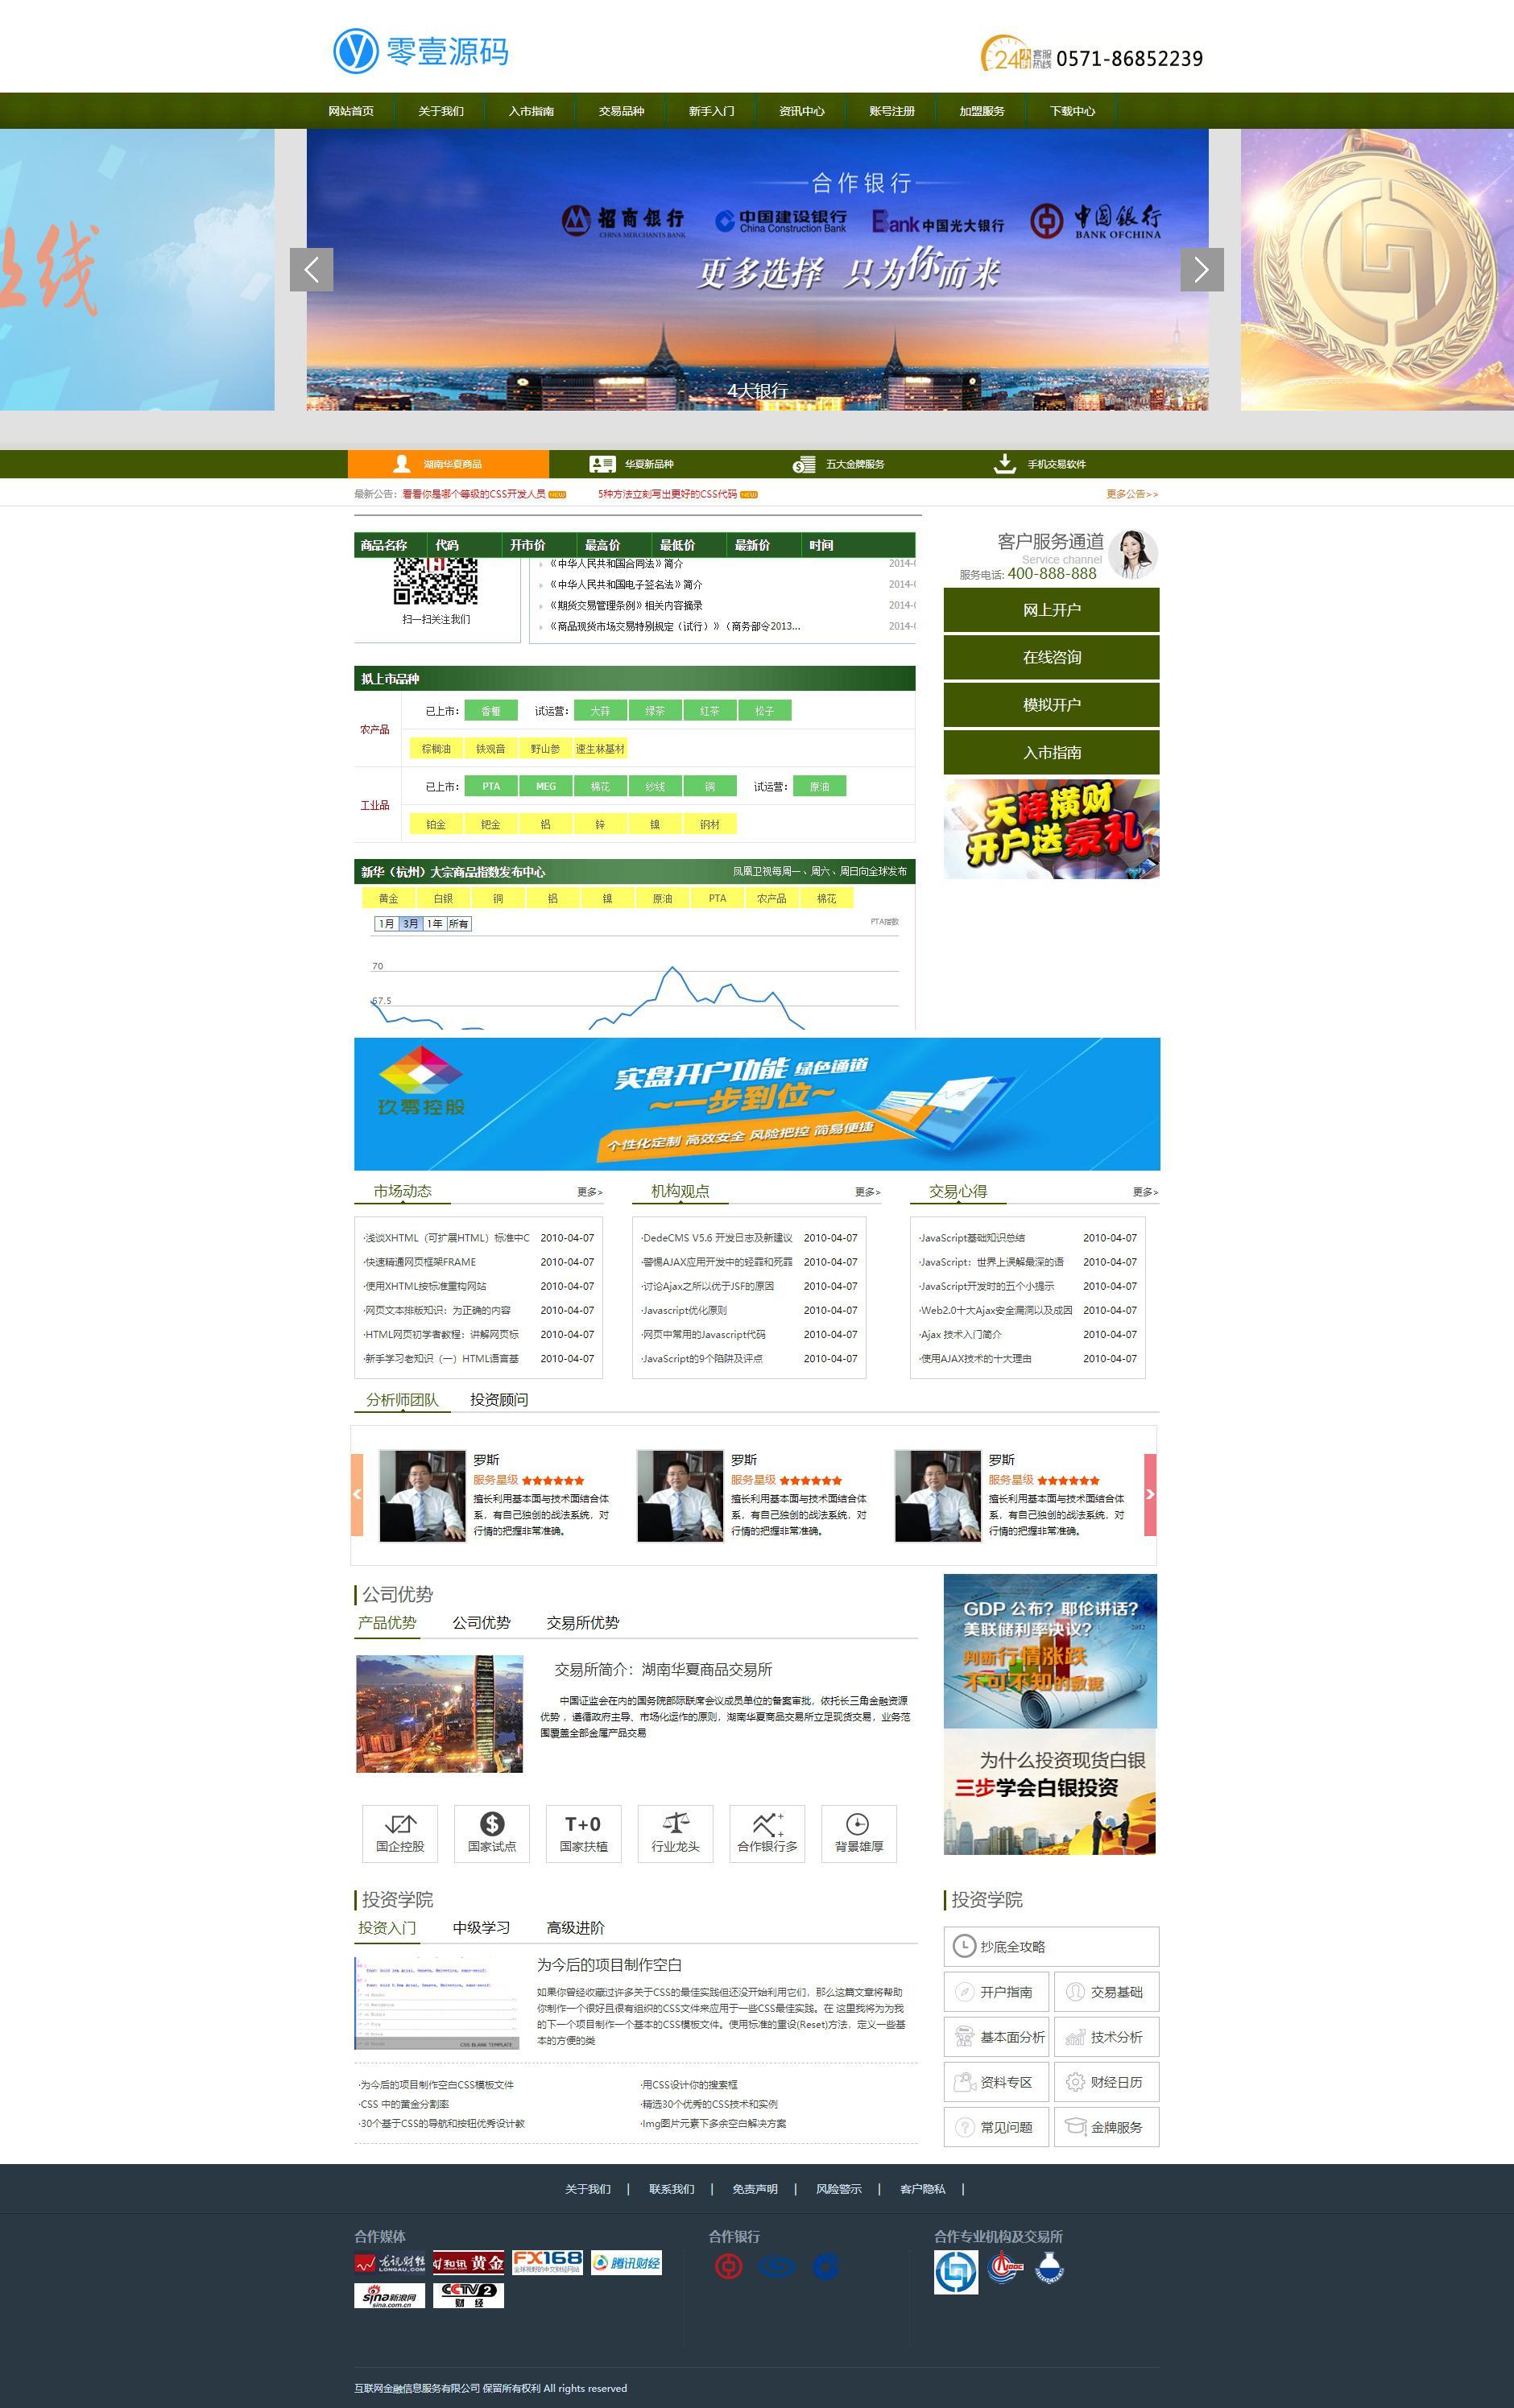 绿色主题贵金属网站织梦dedecms模板